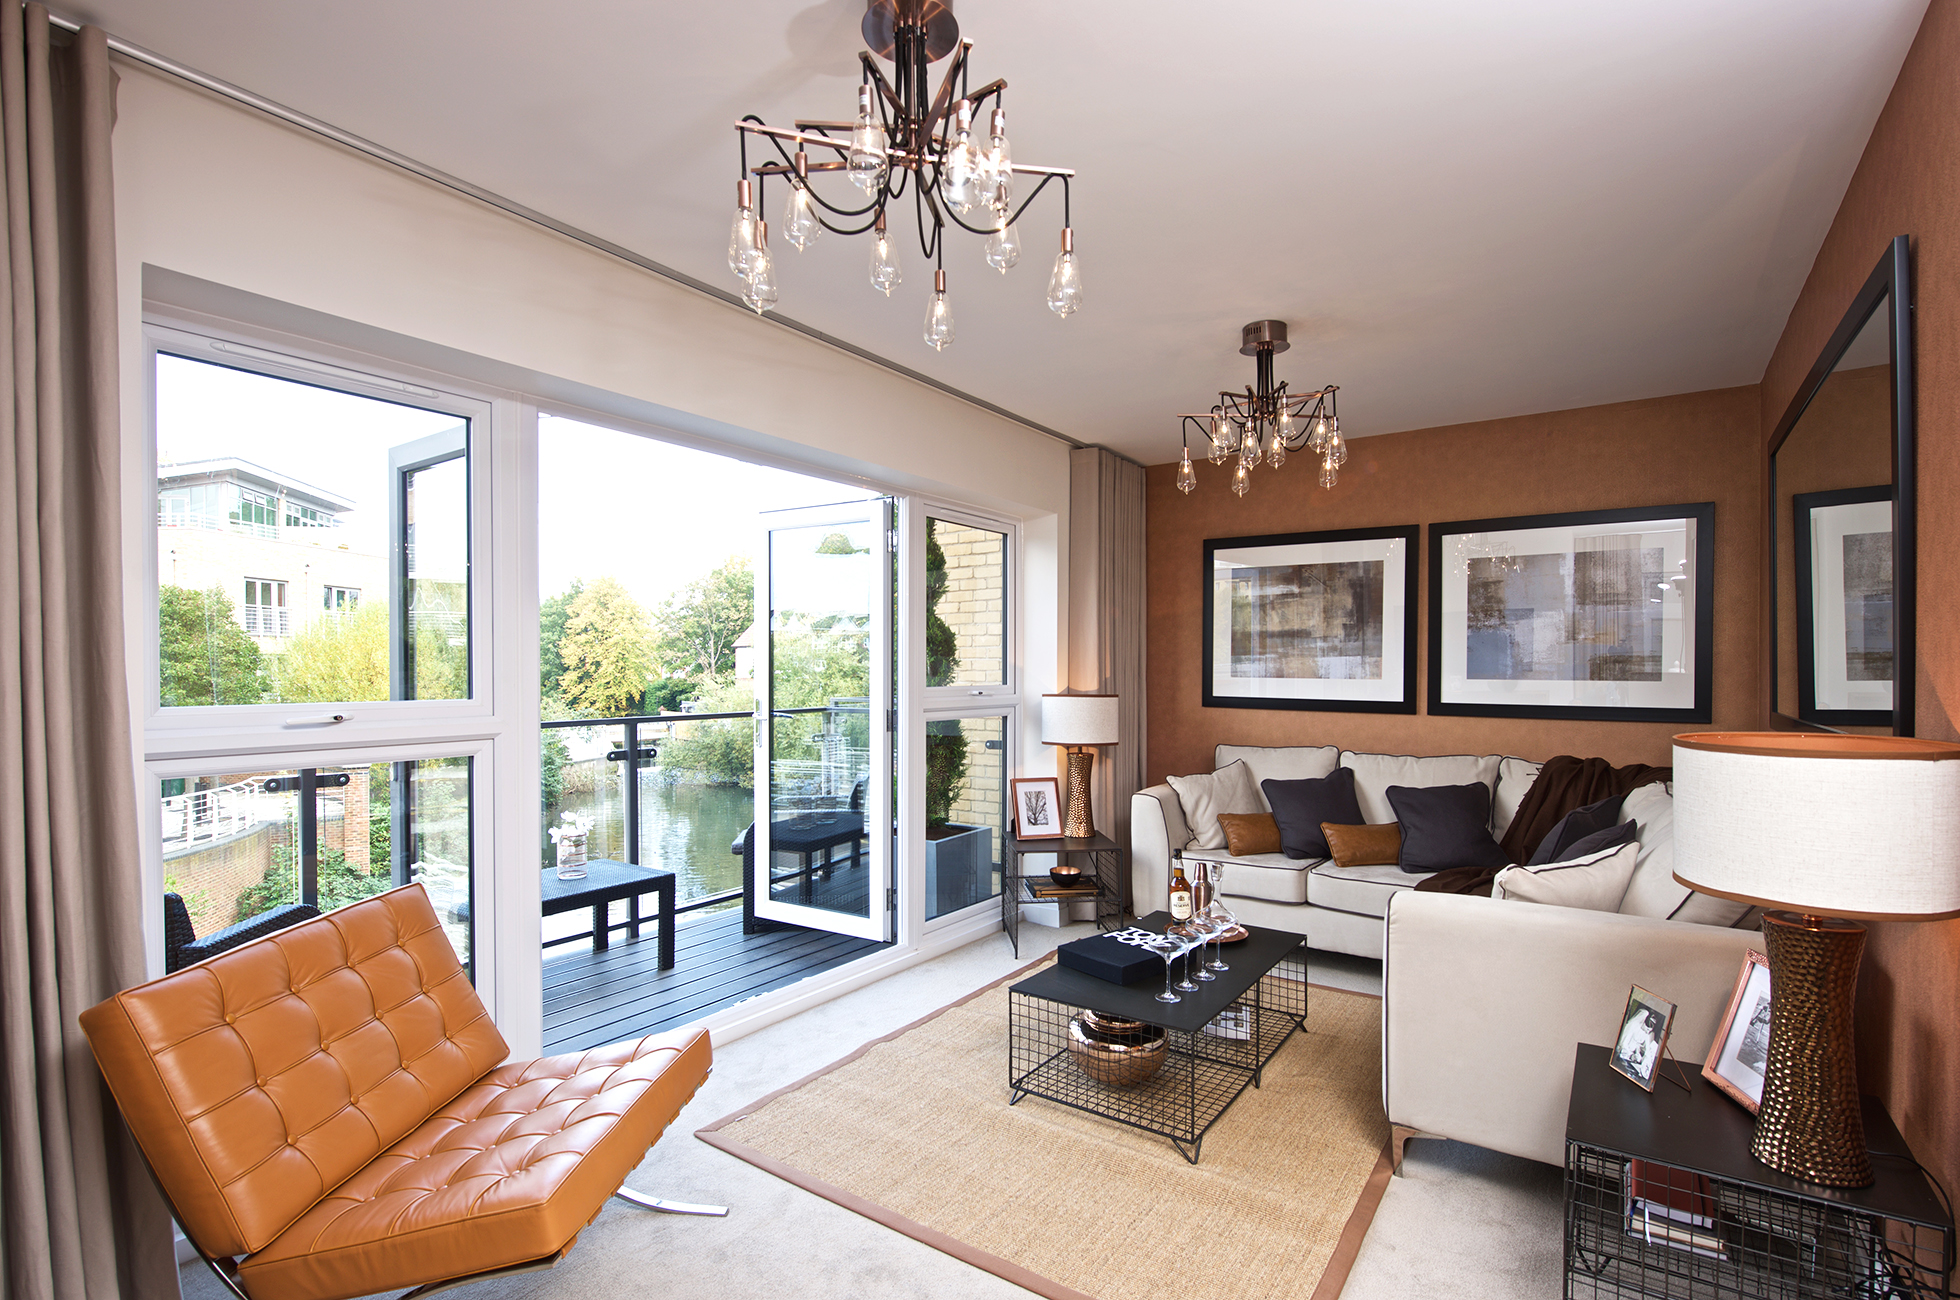 Bankside_Living_Room_1960x1300